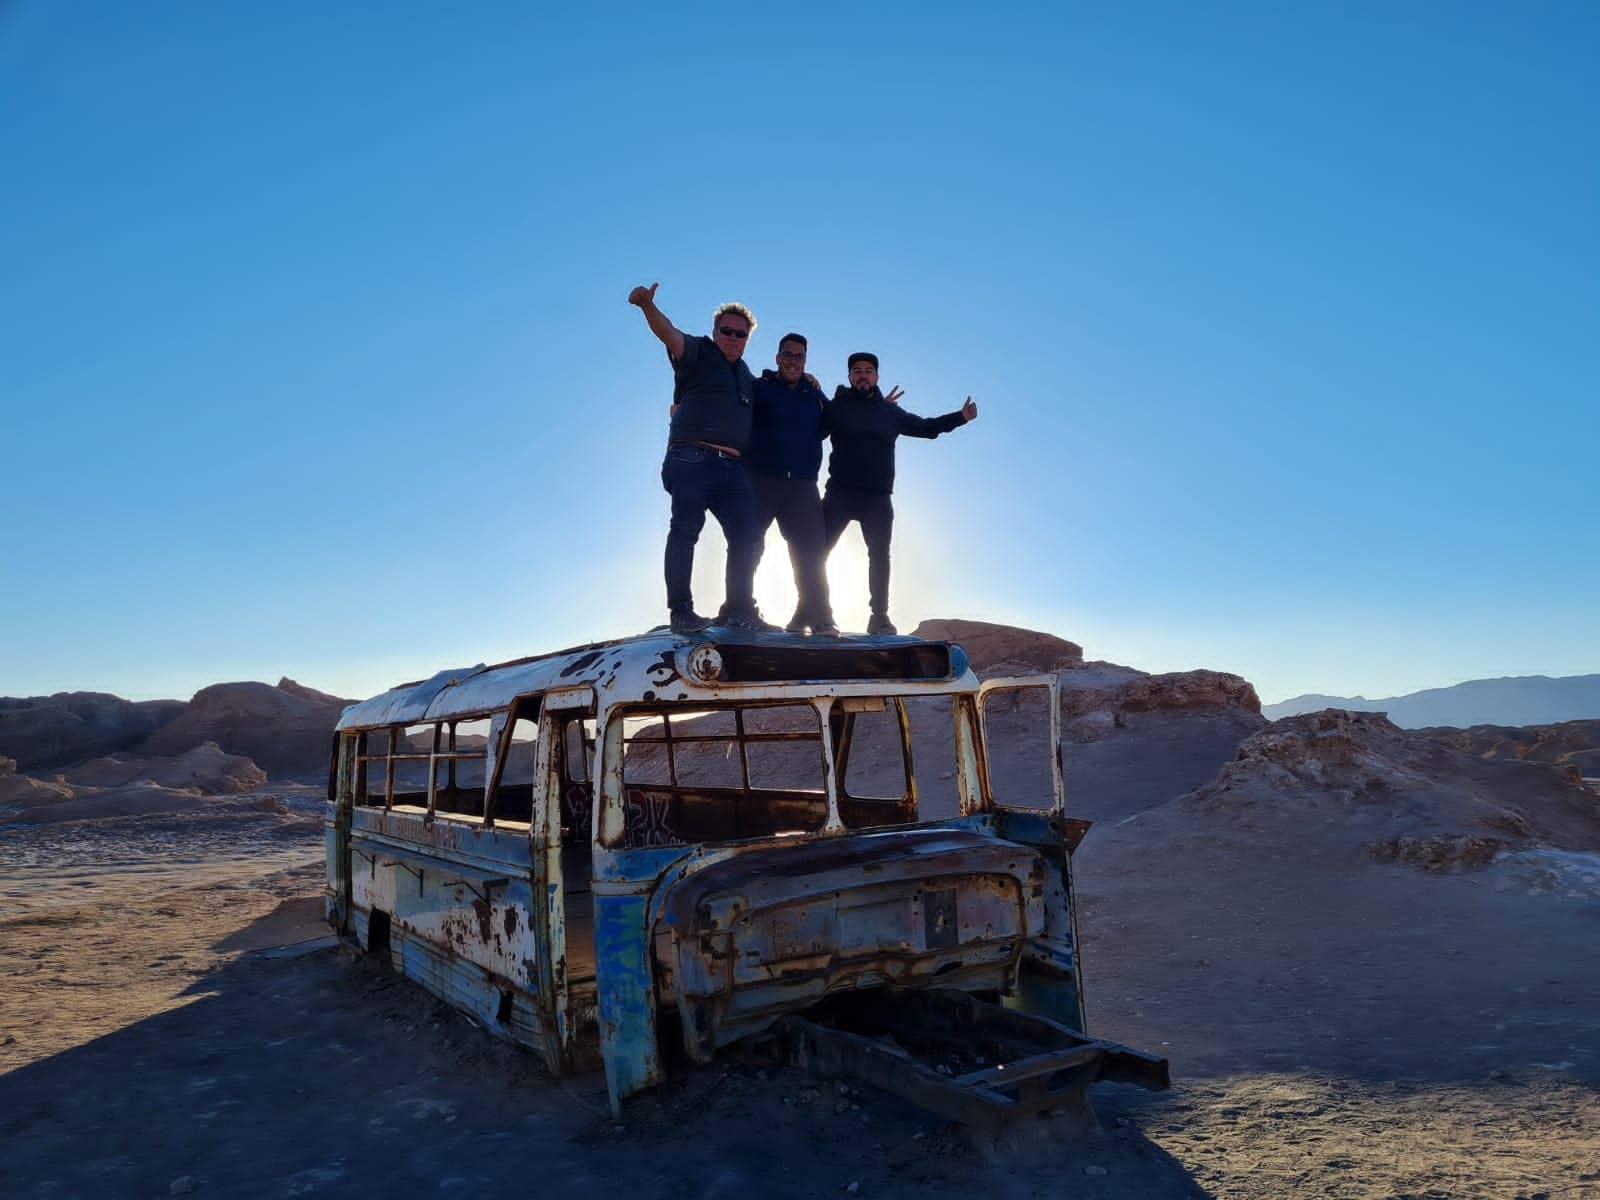 Entrada de turistas no Chile sem quarentena obrigatória